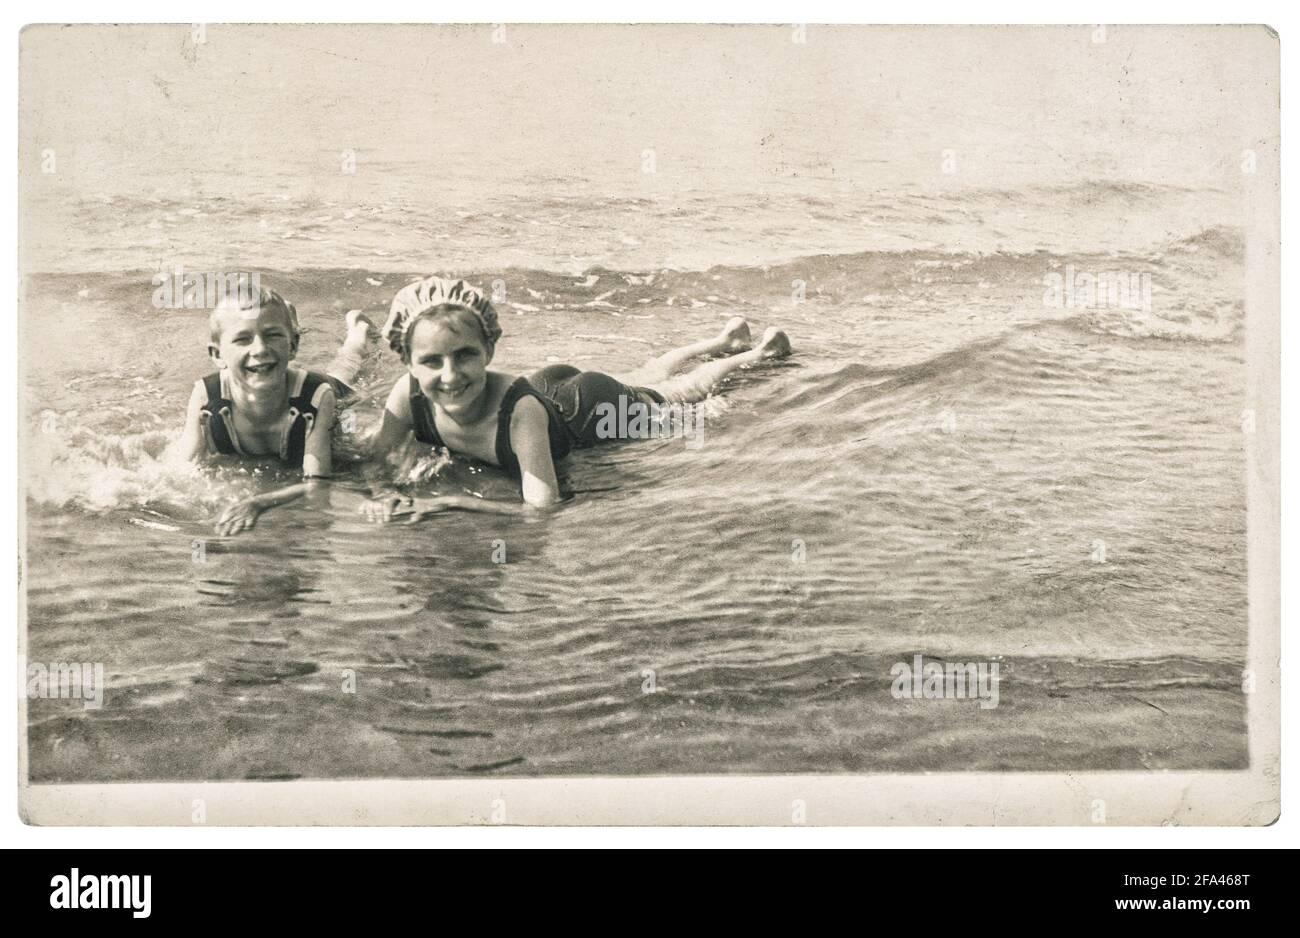 Photo ancienne des enfants sur la mer. Vacances d'été. Image vintage avec grain de film original et flou ca. 1920 Banque D'Images